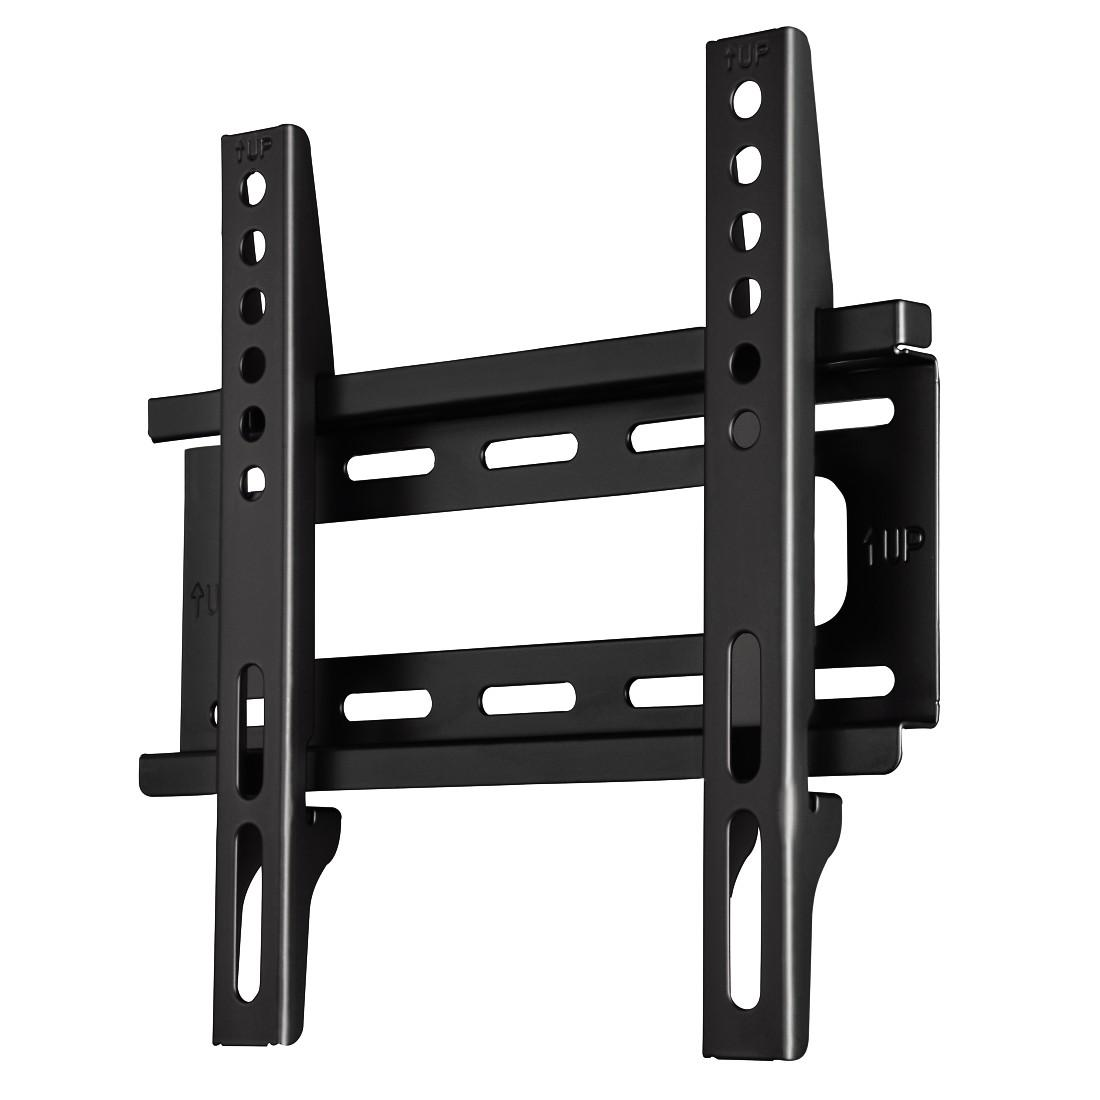 Стенна стойка за TV HAMA 108714, Фиксирана, 19-46, 25 кг, Черна